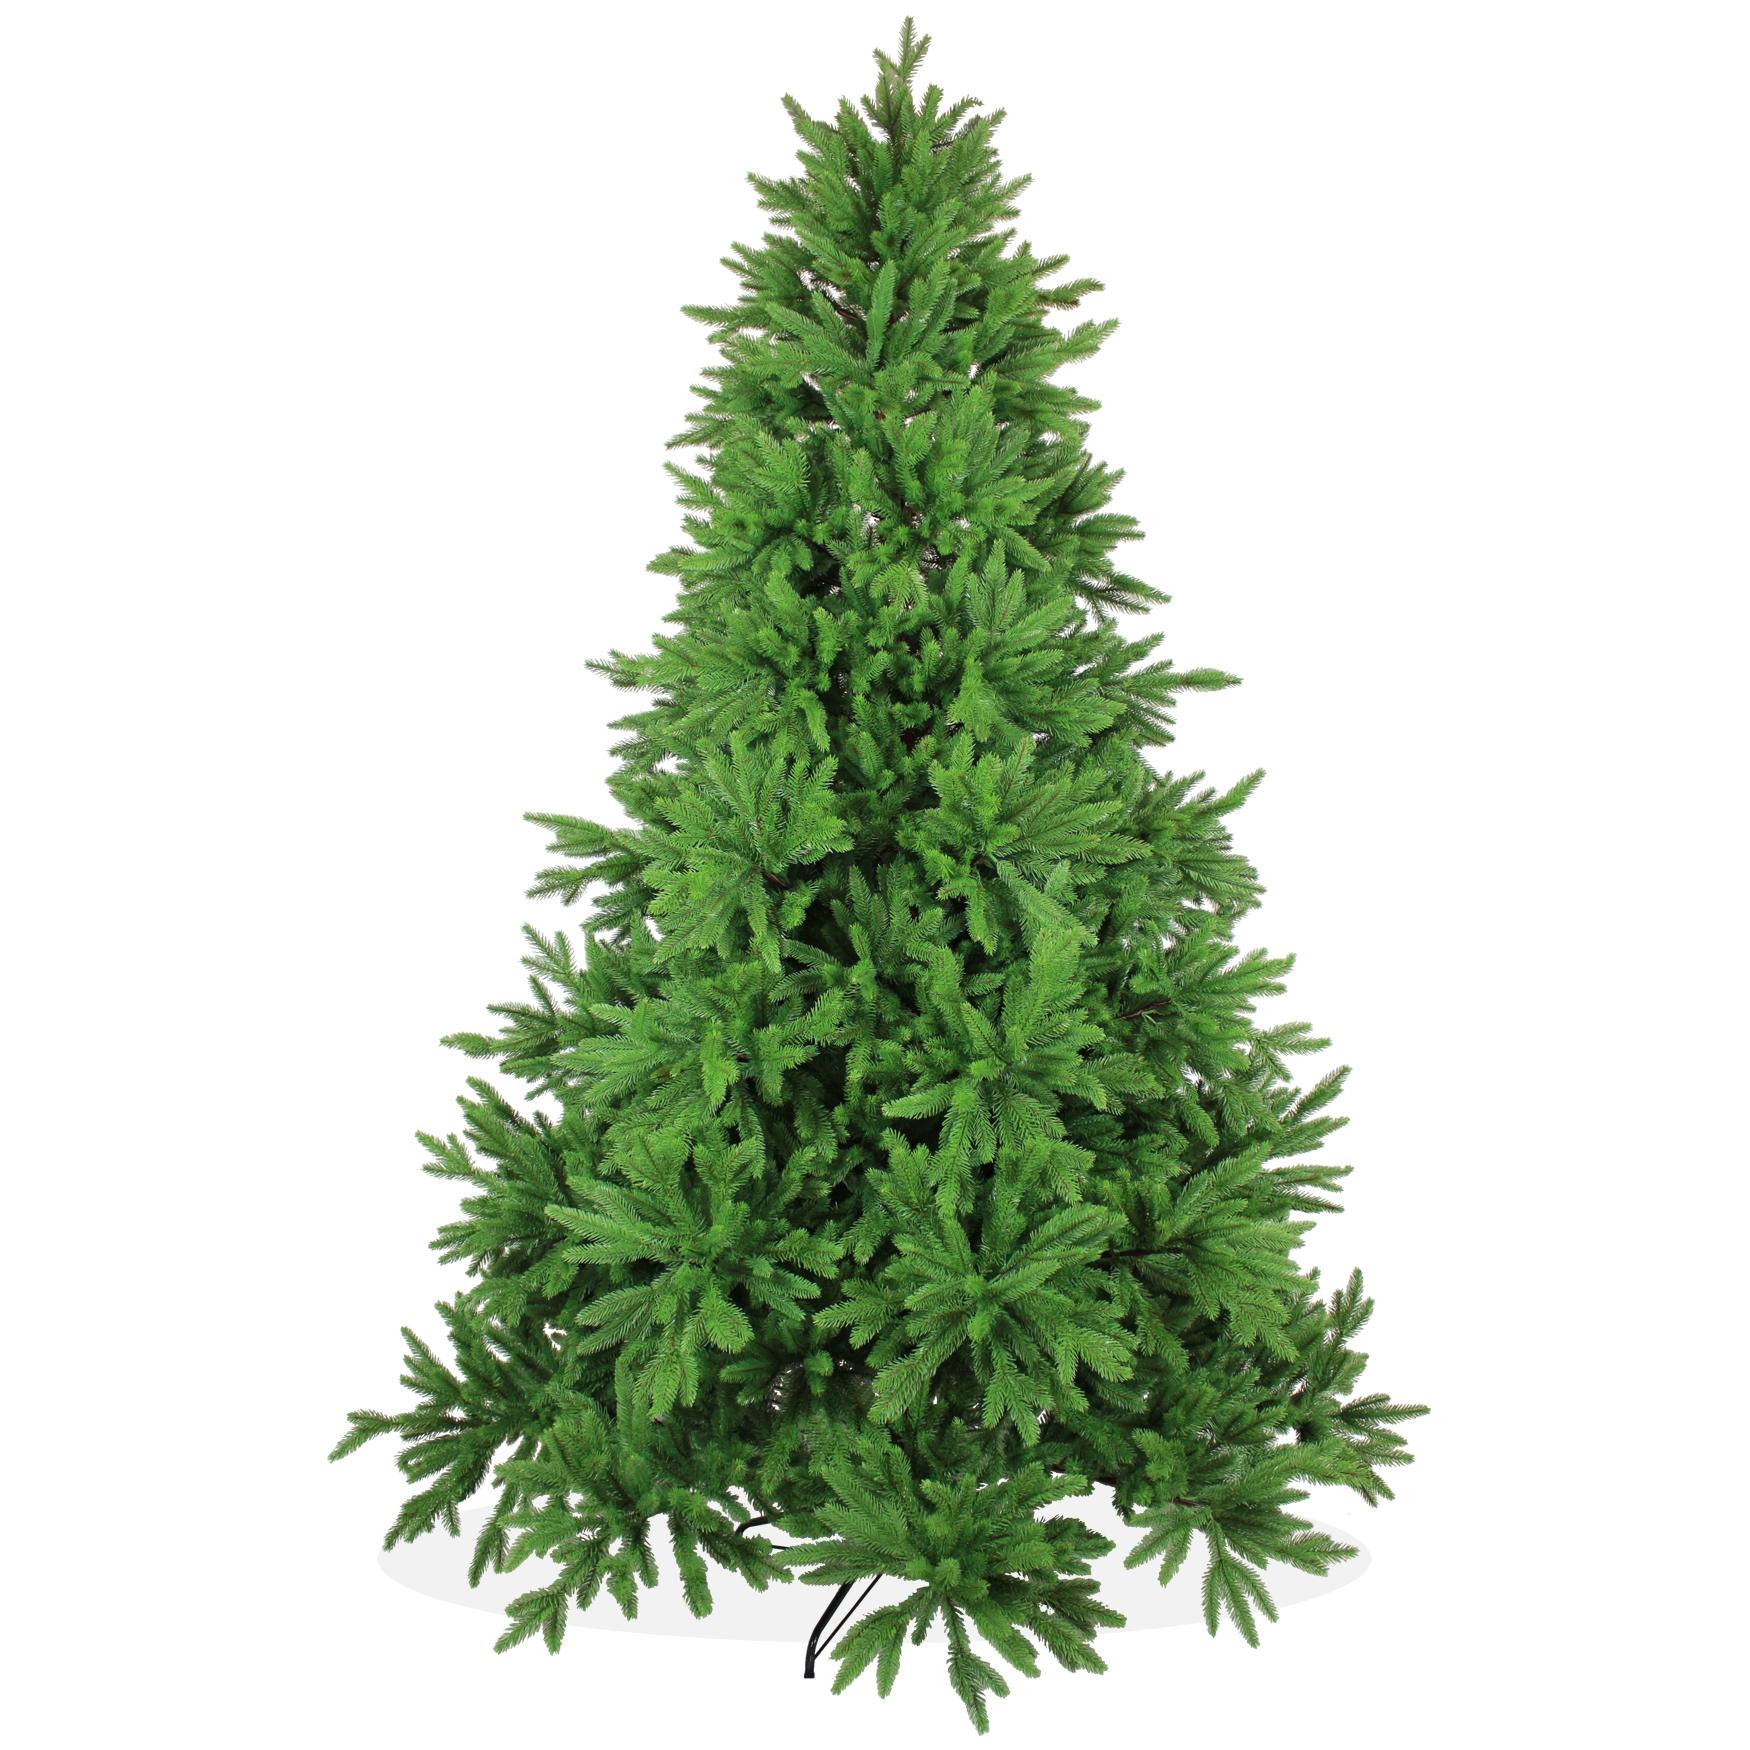 k nstlicher weihnachtsbaum 240cm deluxe pe spritzguss gr ner tannenbaum nordmanntanne. Black Bedroom Furniture Sets. Home Design Ideas